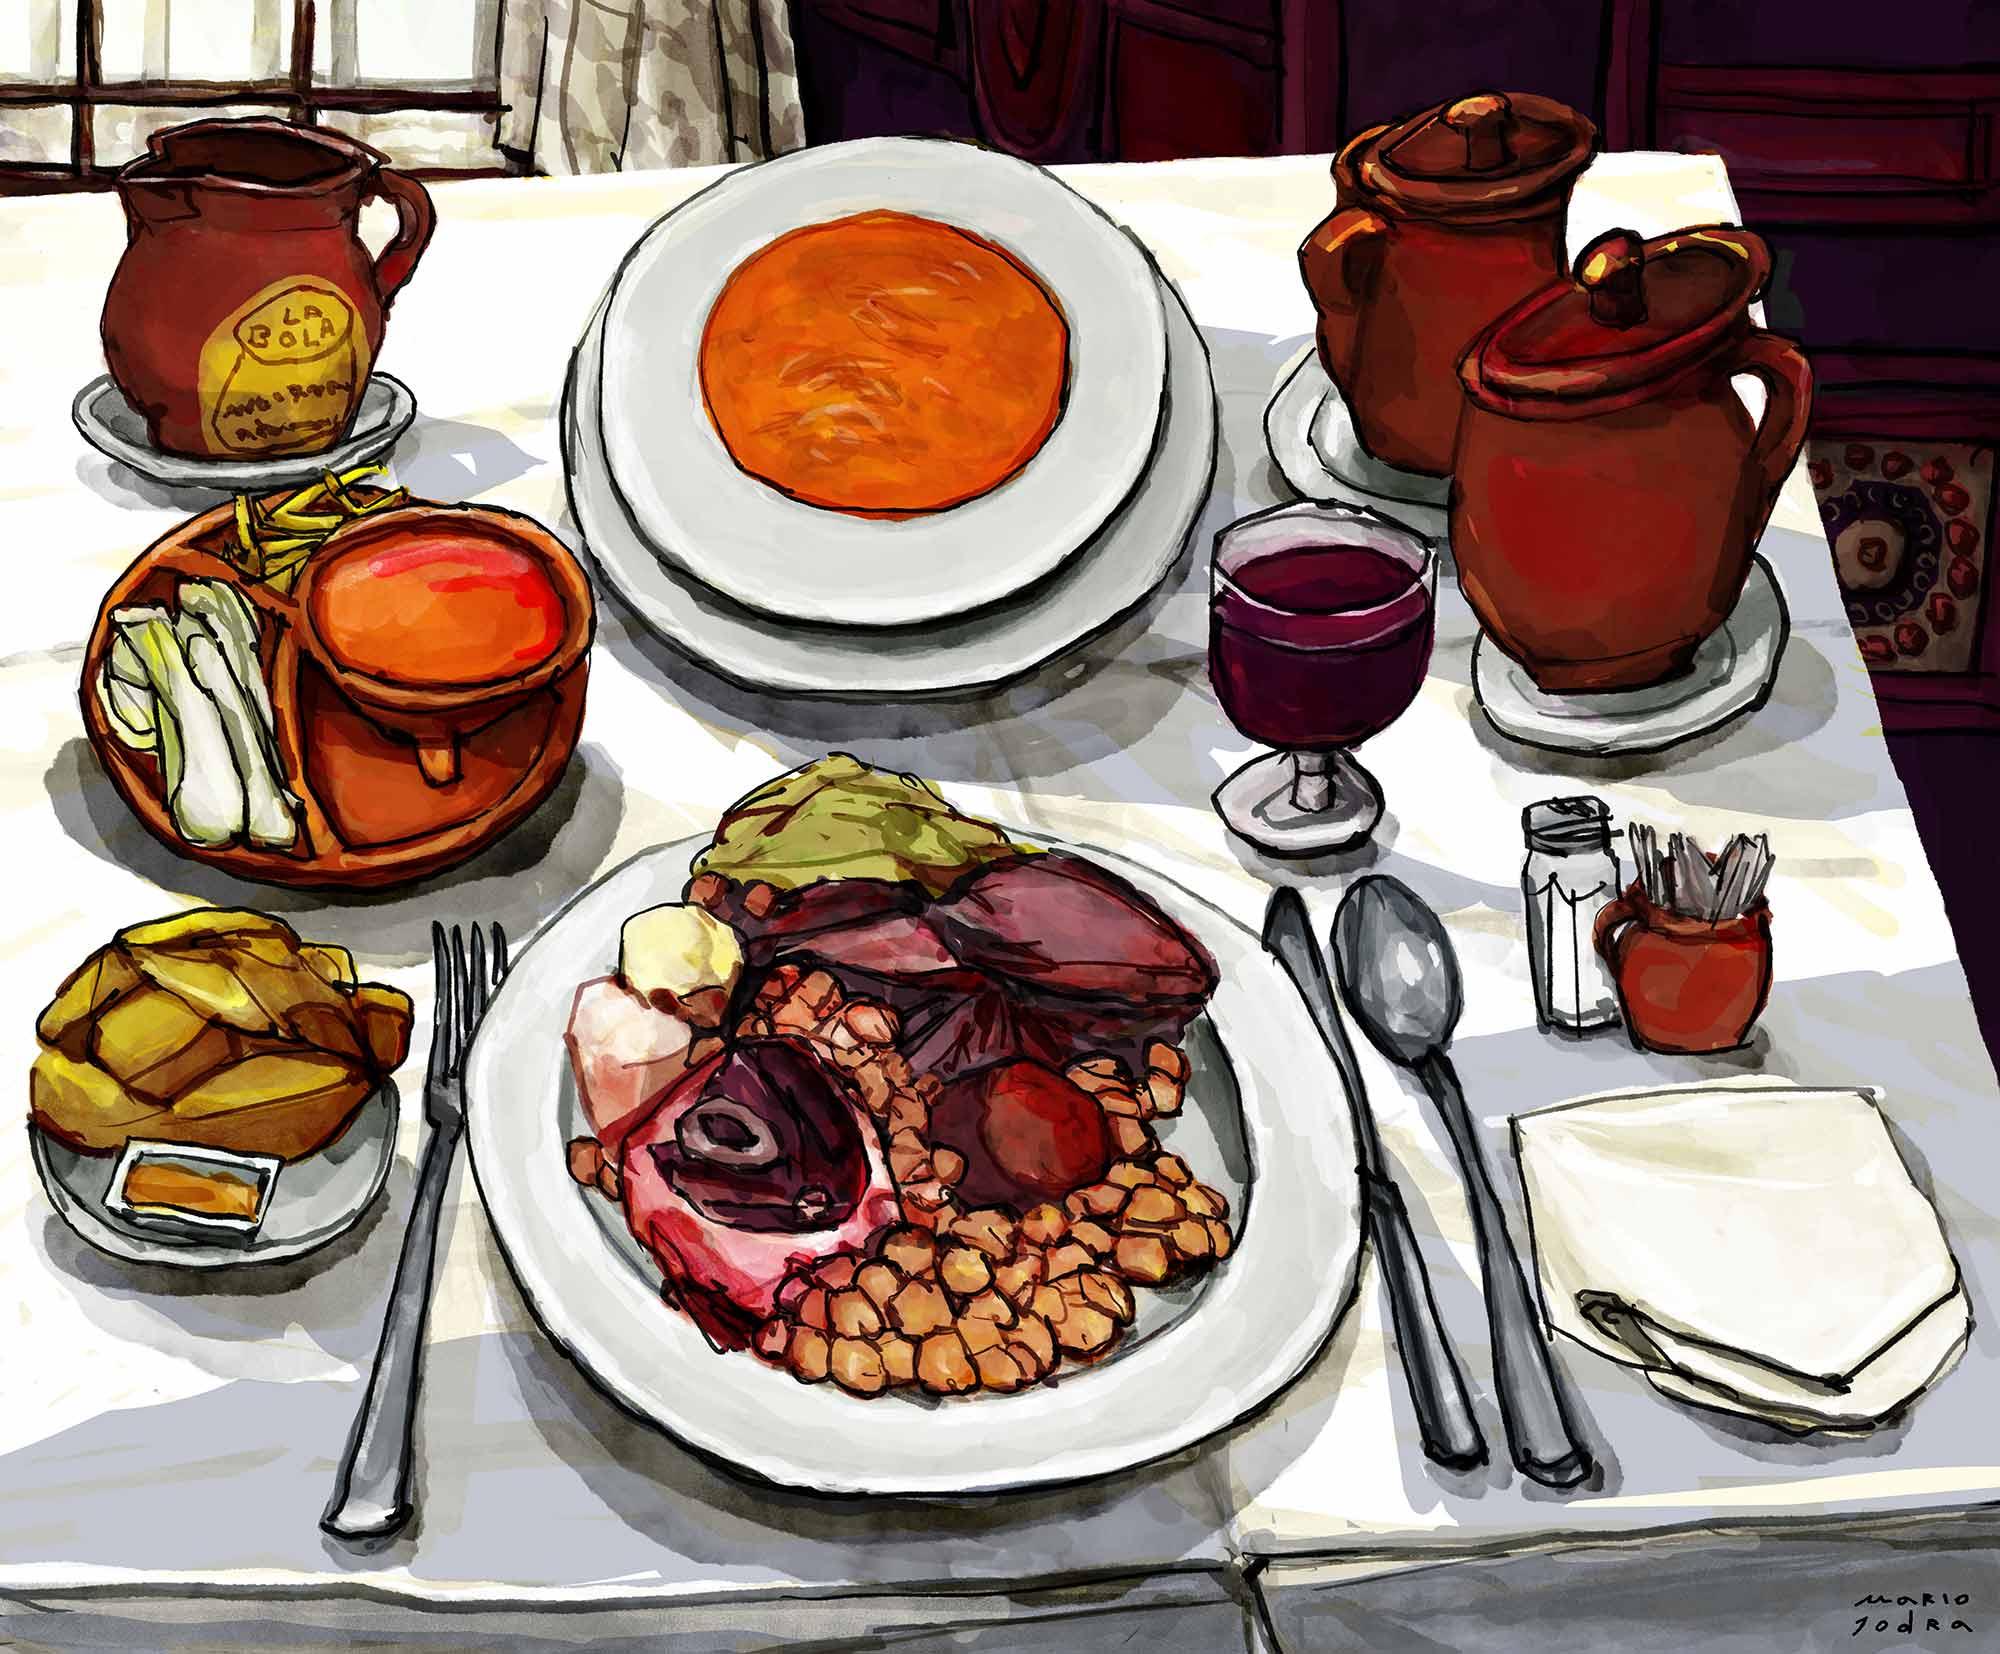 Mario Jodra illustration - Cocido Madrileño at La Bola restaurant